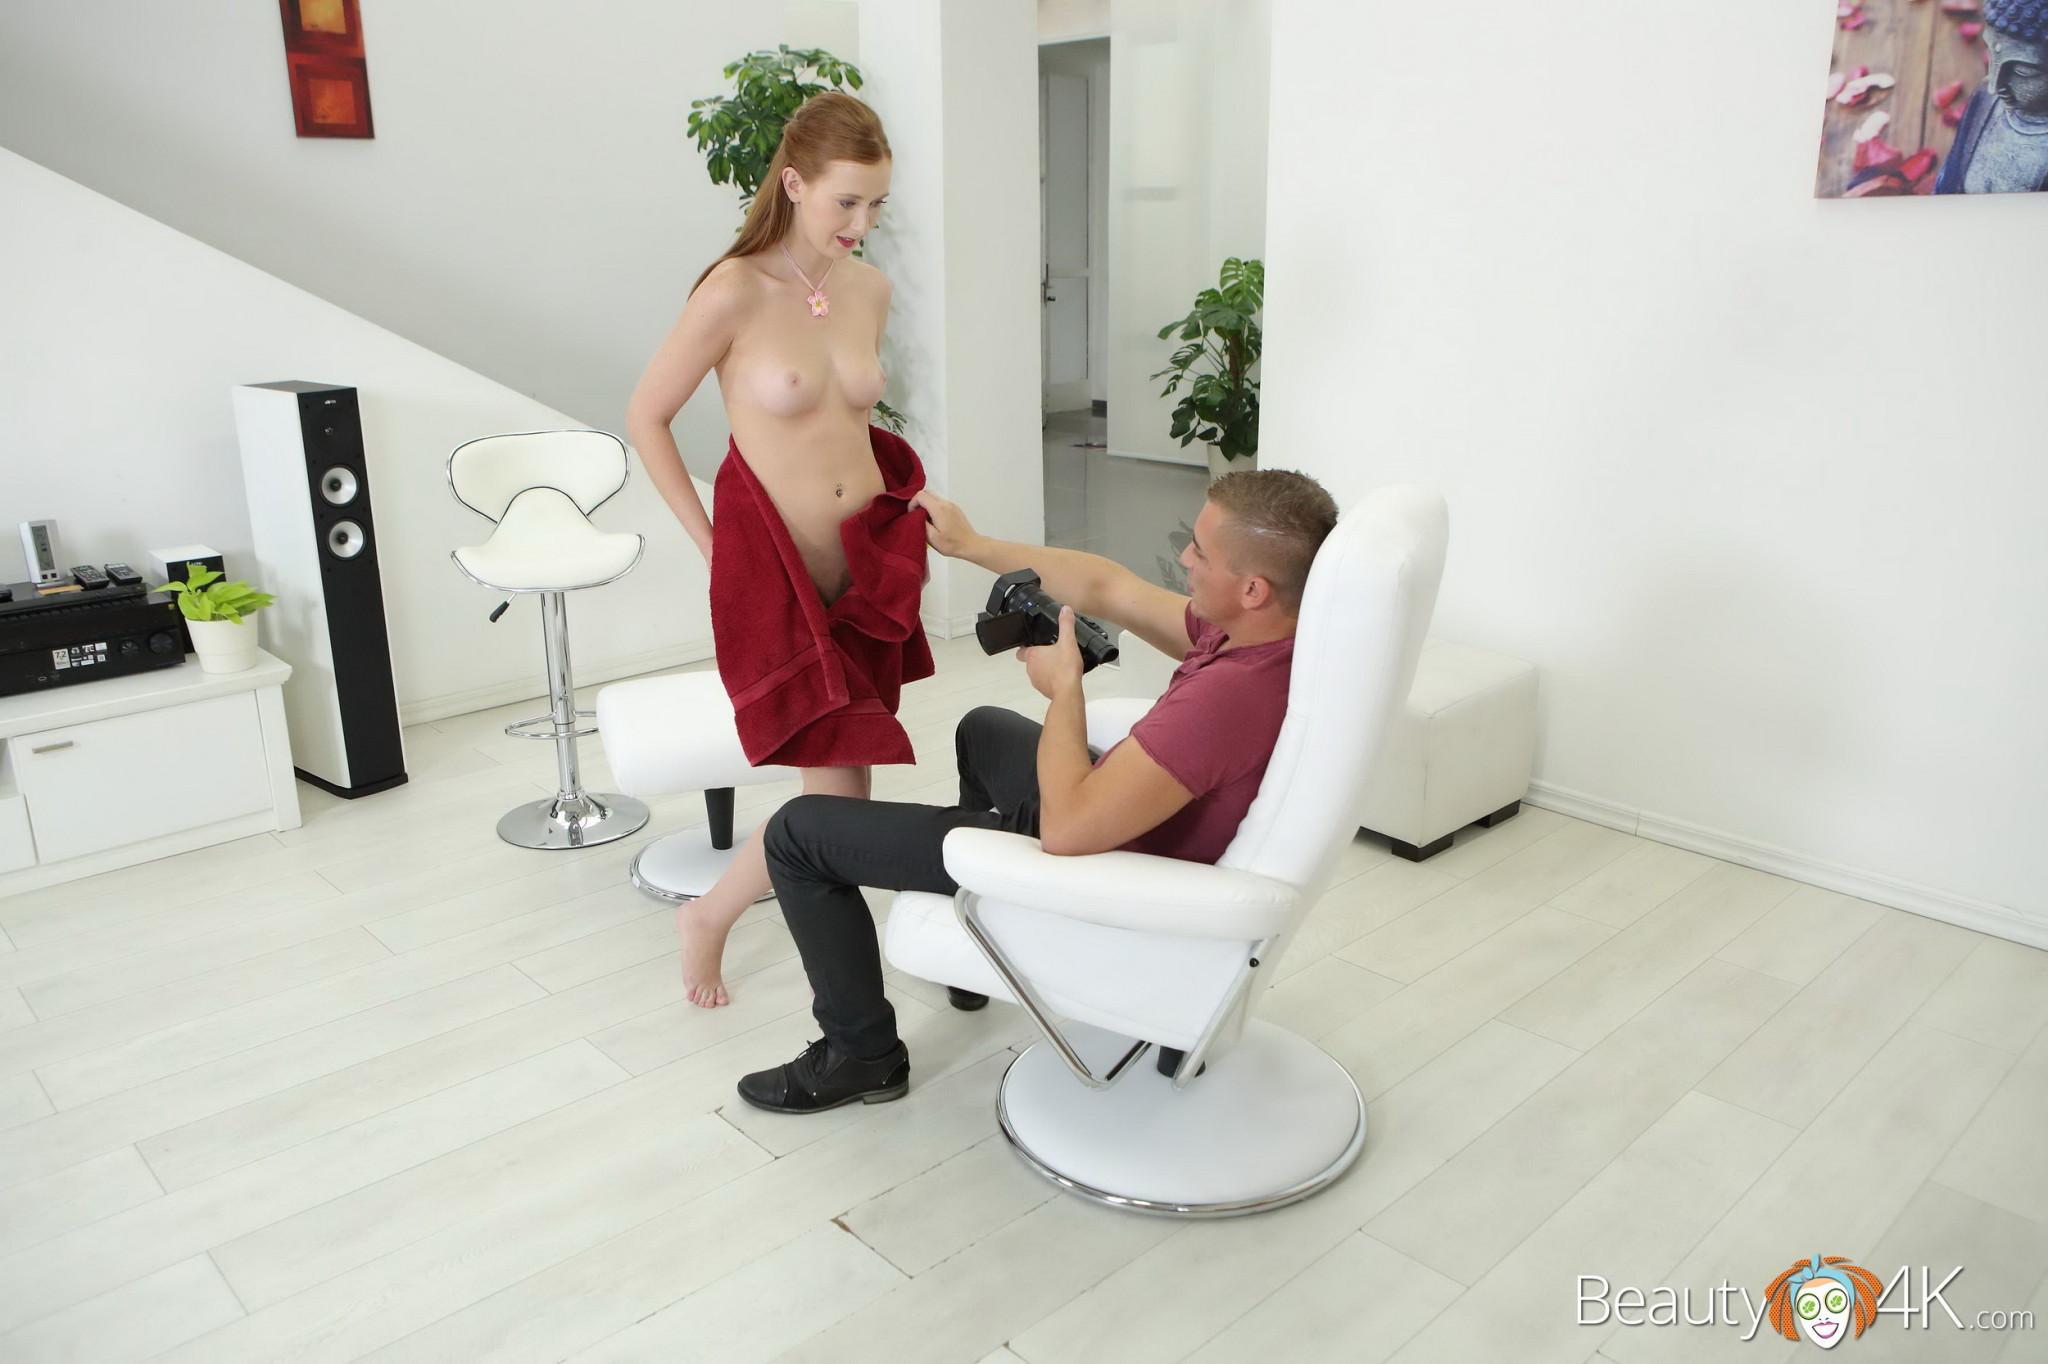 Девушка облизывает мужской член и разрешает снимать себя во время этого процесса, а затем и трахается